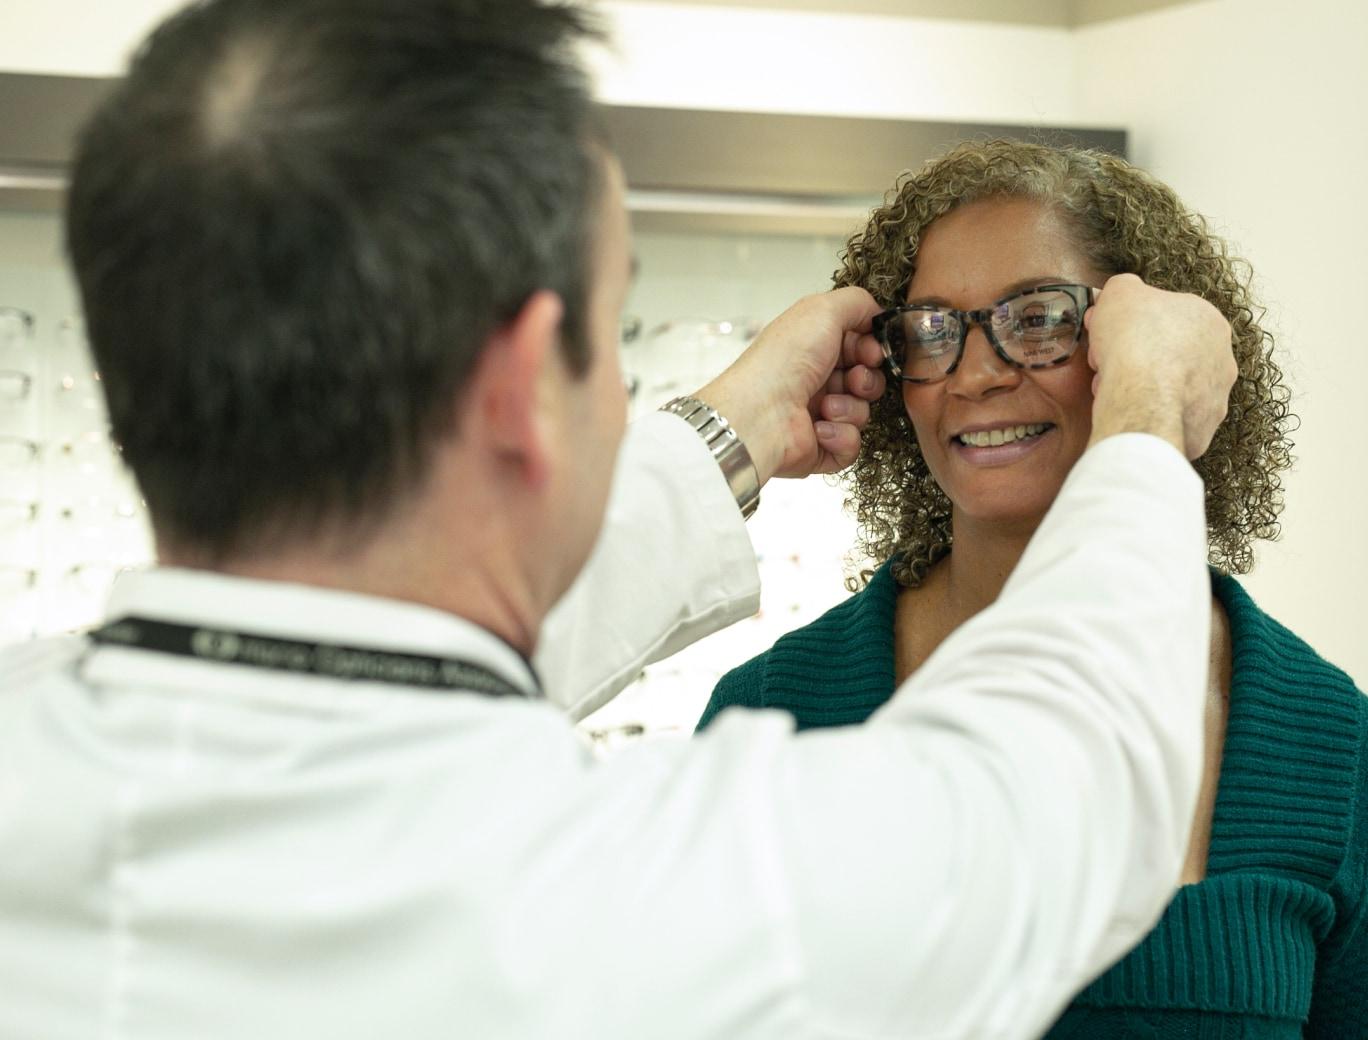 Collègue de l'optique en blouse blanche aidant à ajuster les lunettes d'une femme.